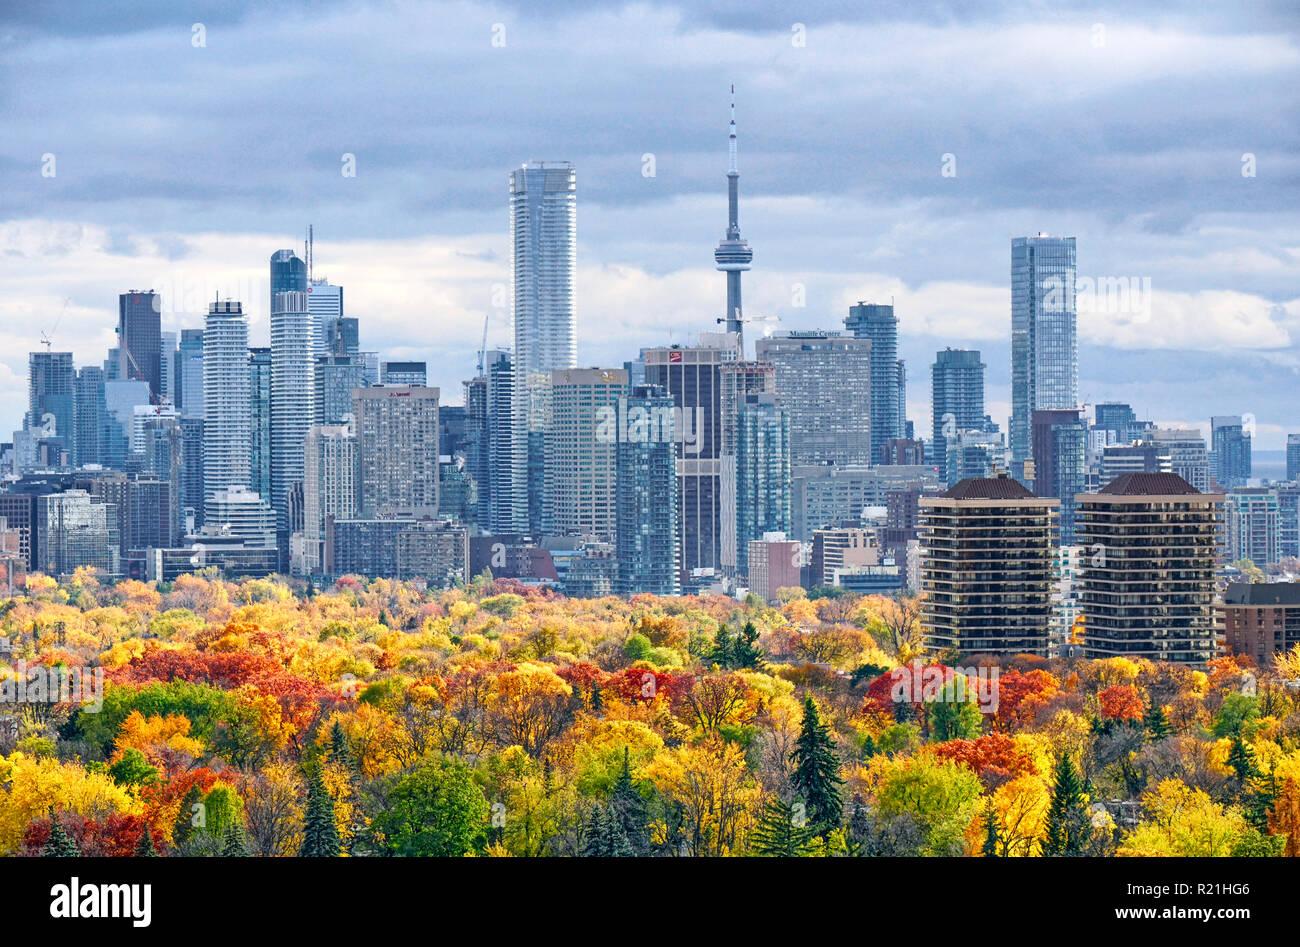 Otoño de Toronto skyline incluyendo grandes downtown y midtown landmark edificios con colores de otoño en el árbol de primer plano Foto de stock